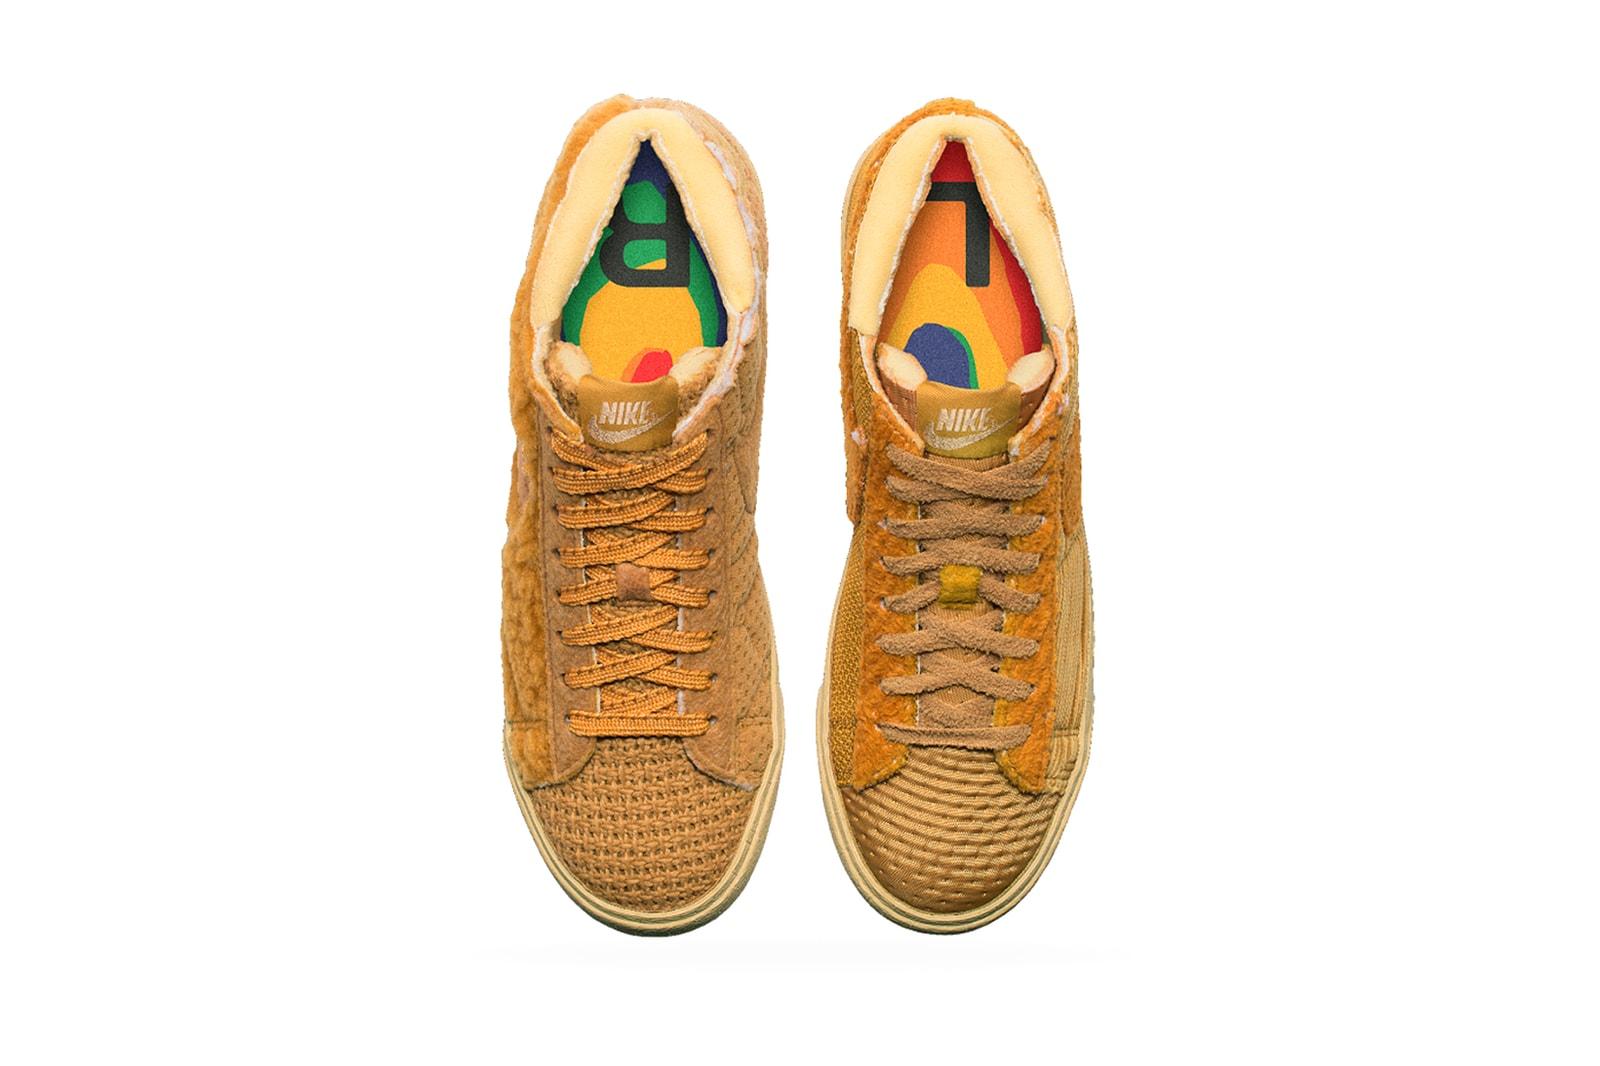 nike blazer cpfm cactus plant flea market sponge by you sneakers fleece brown release date shoes footwear sneakerhead